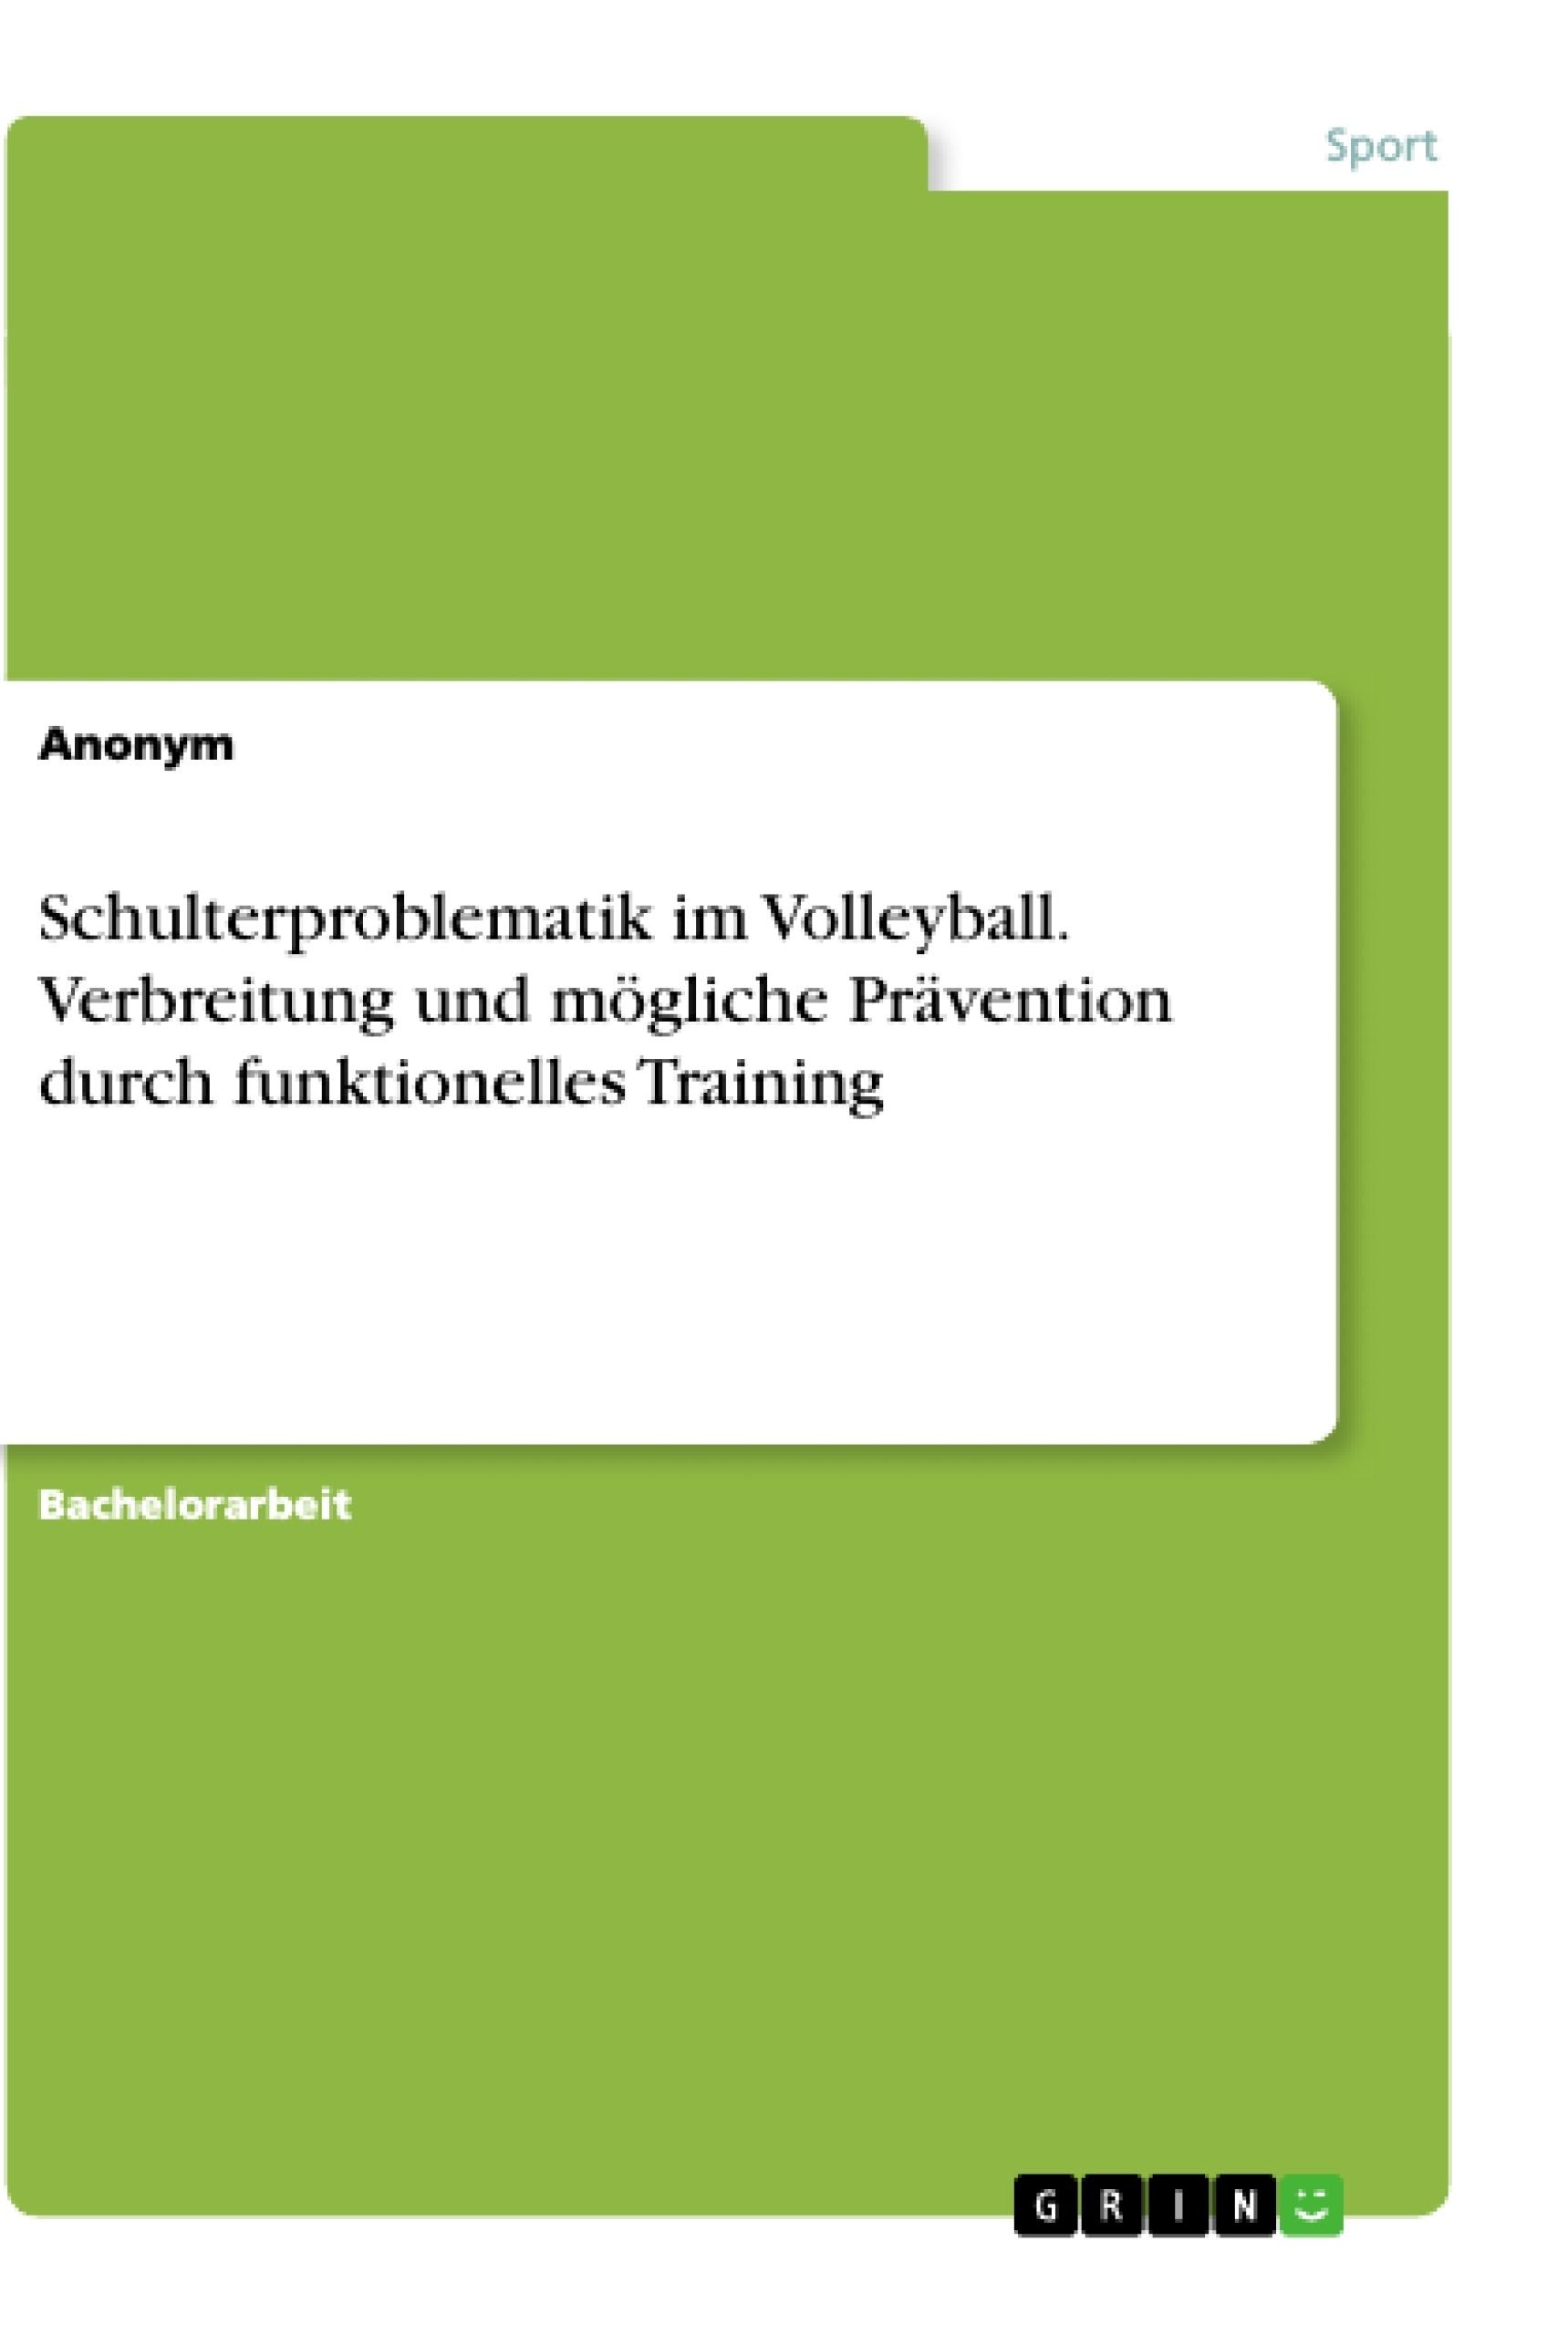 Titel: Schulterproblematik im Volleyball. Verbreitung und mögliche Prävention durch funktionelles Training